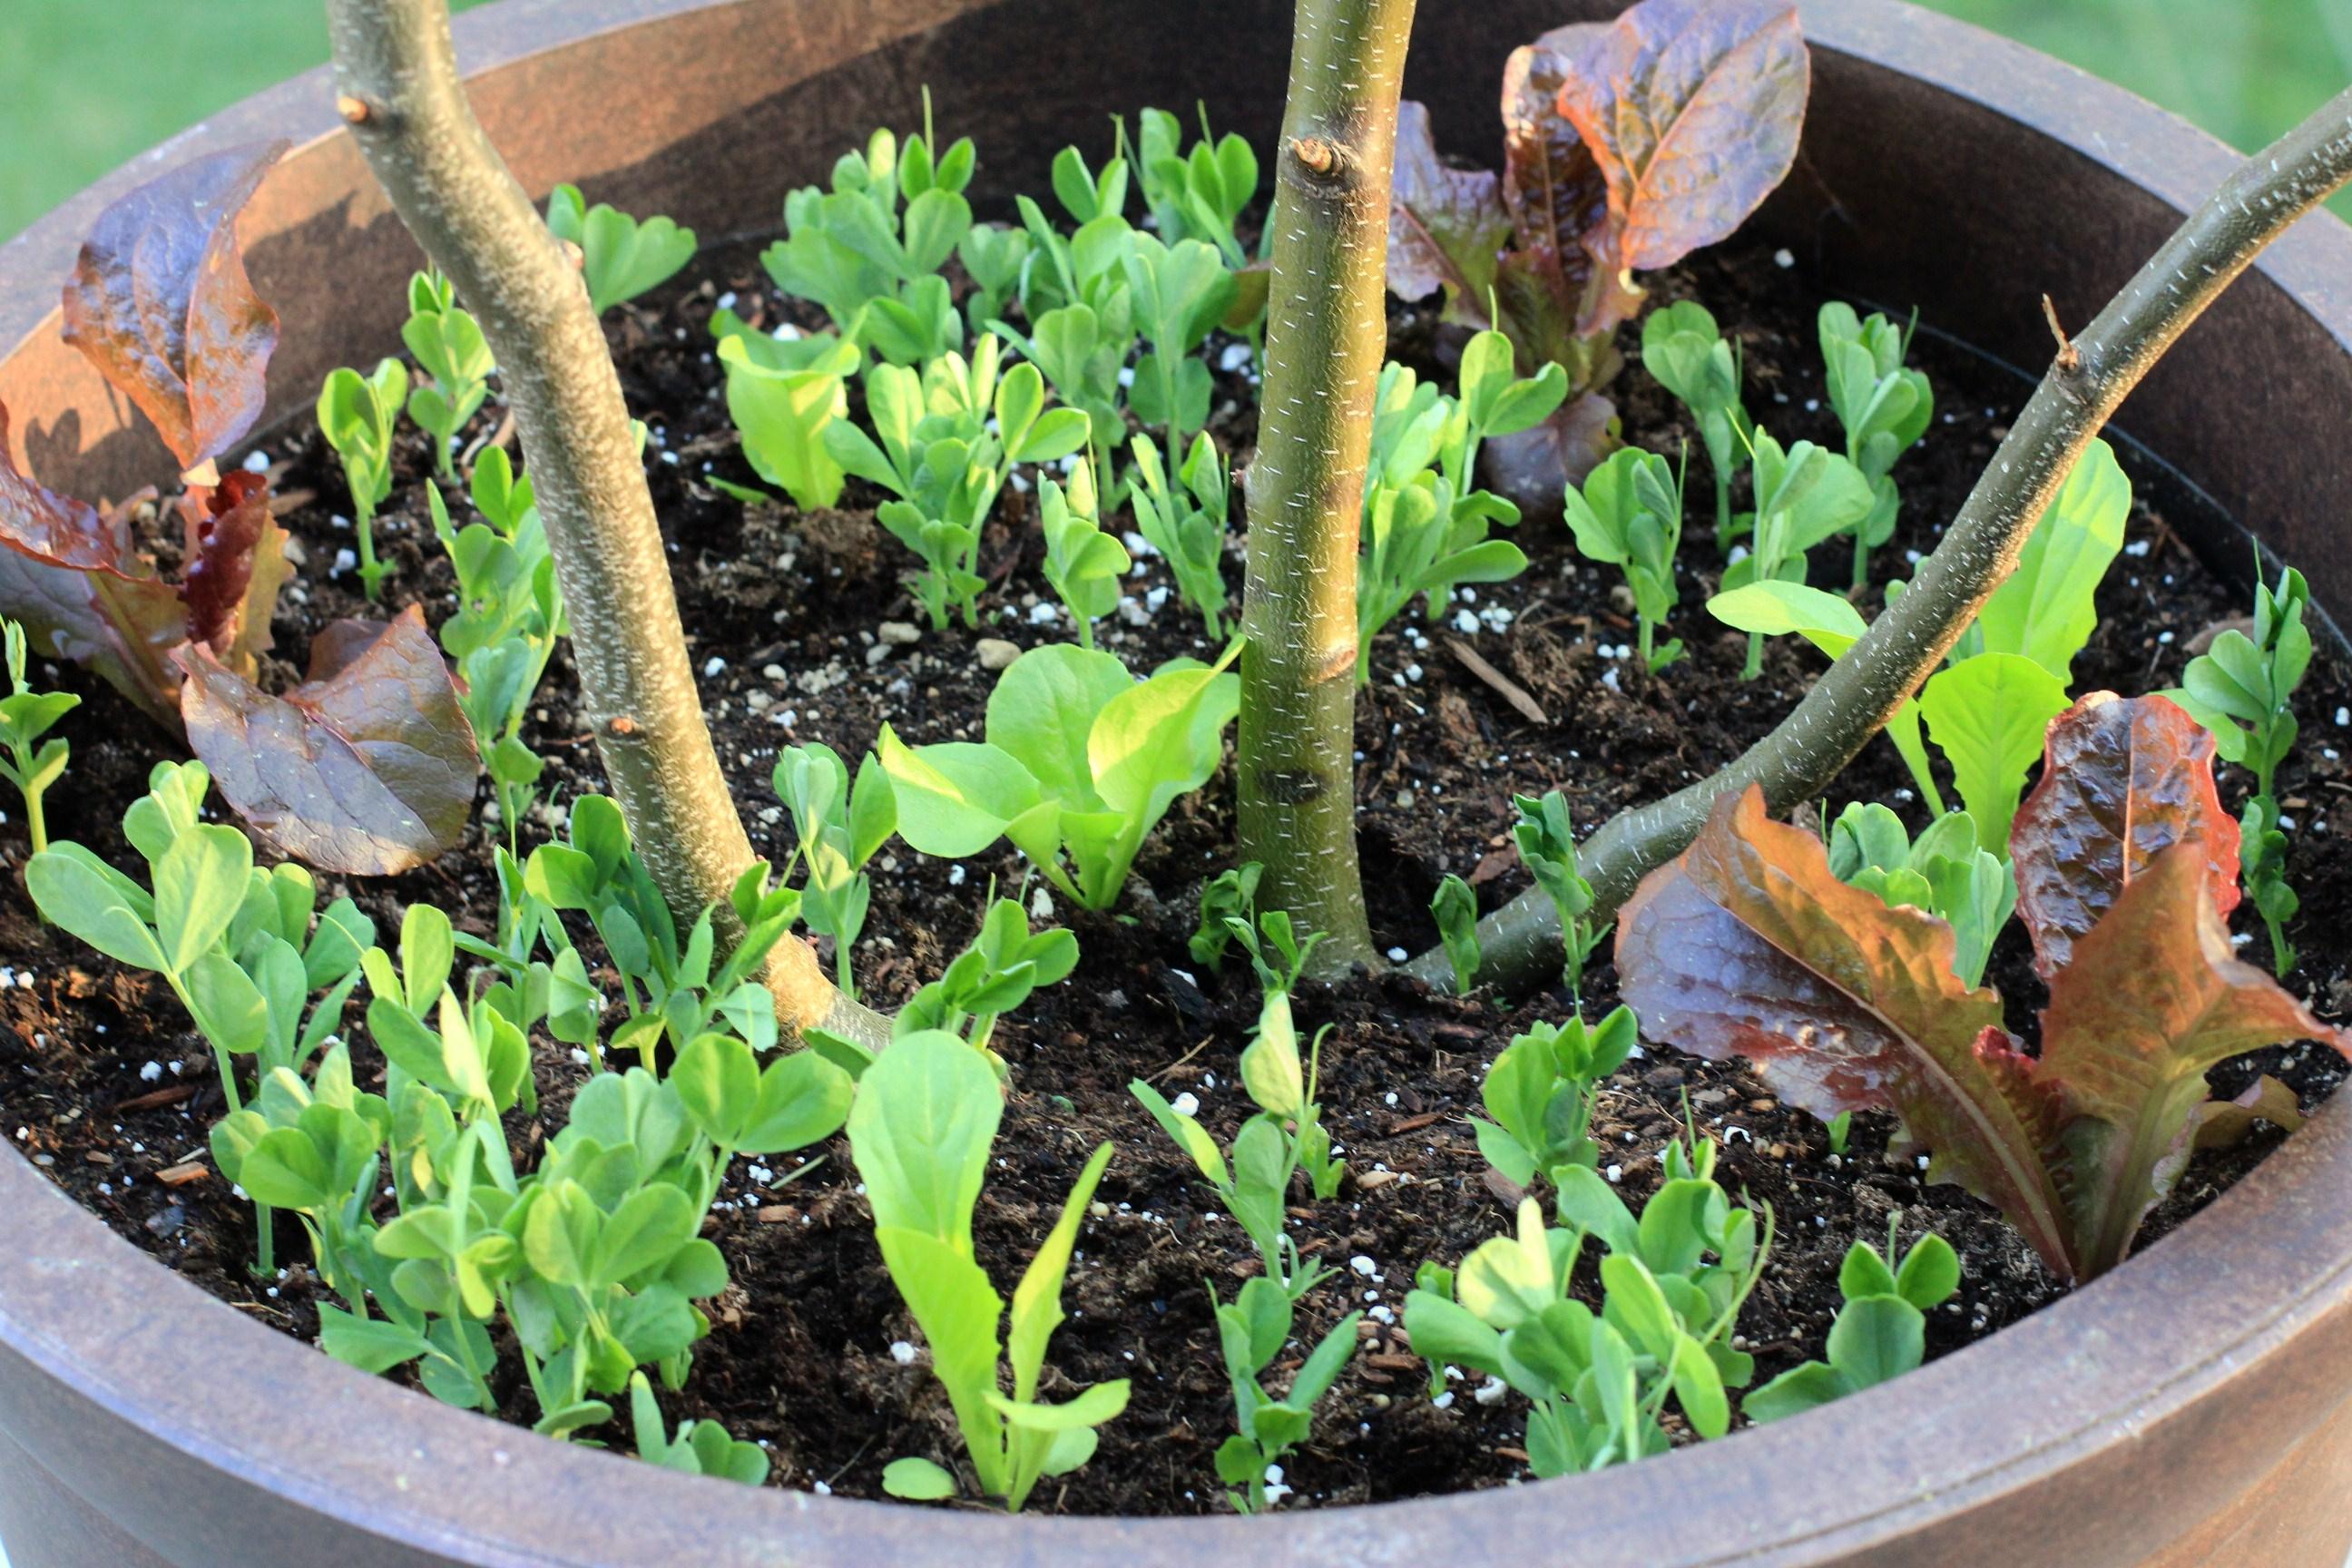 10 ideas del jardín para robar de Grecia - Gardenista